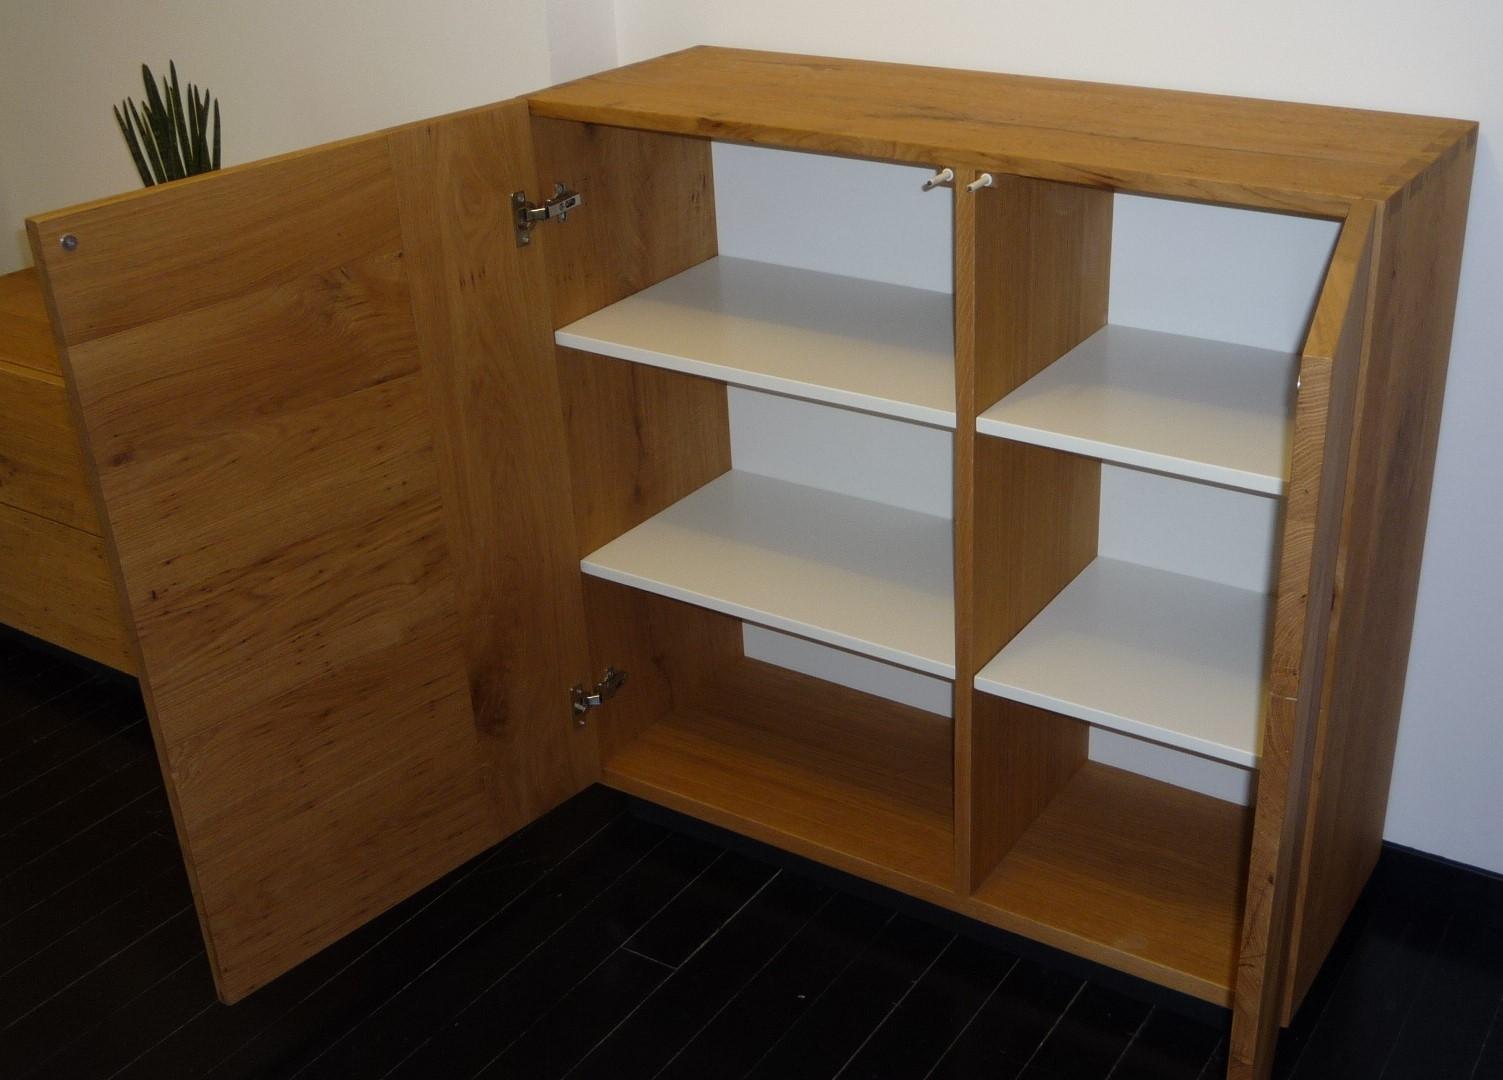 Mobili soggiorno usati vicenza : mobili arredamento mare. mobili ...